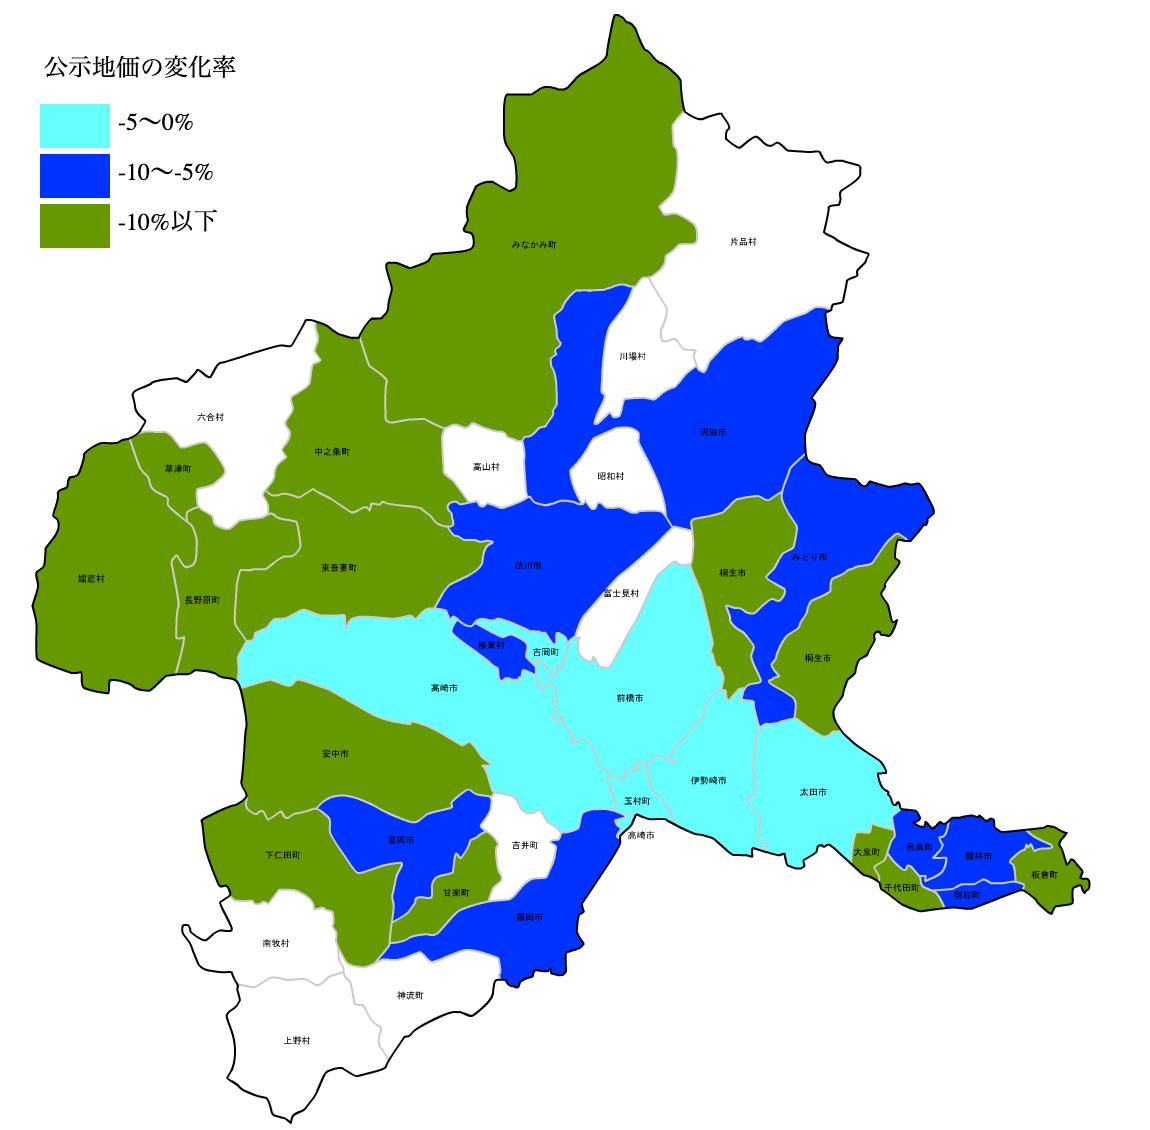 群馬県の公示地価の変化率図 H25-H31